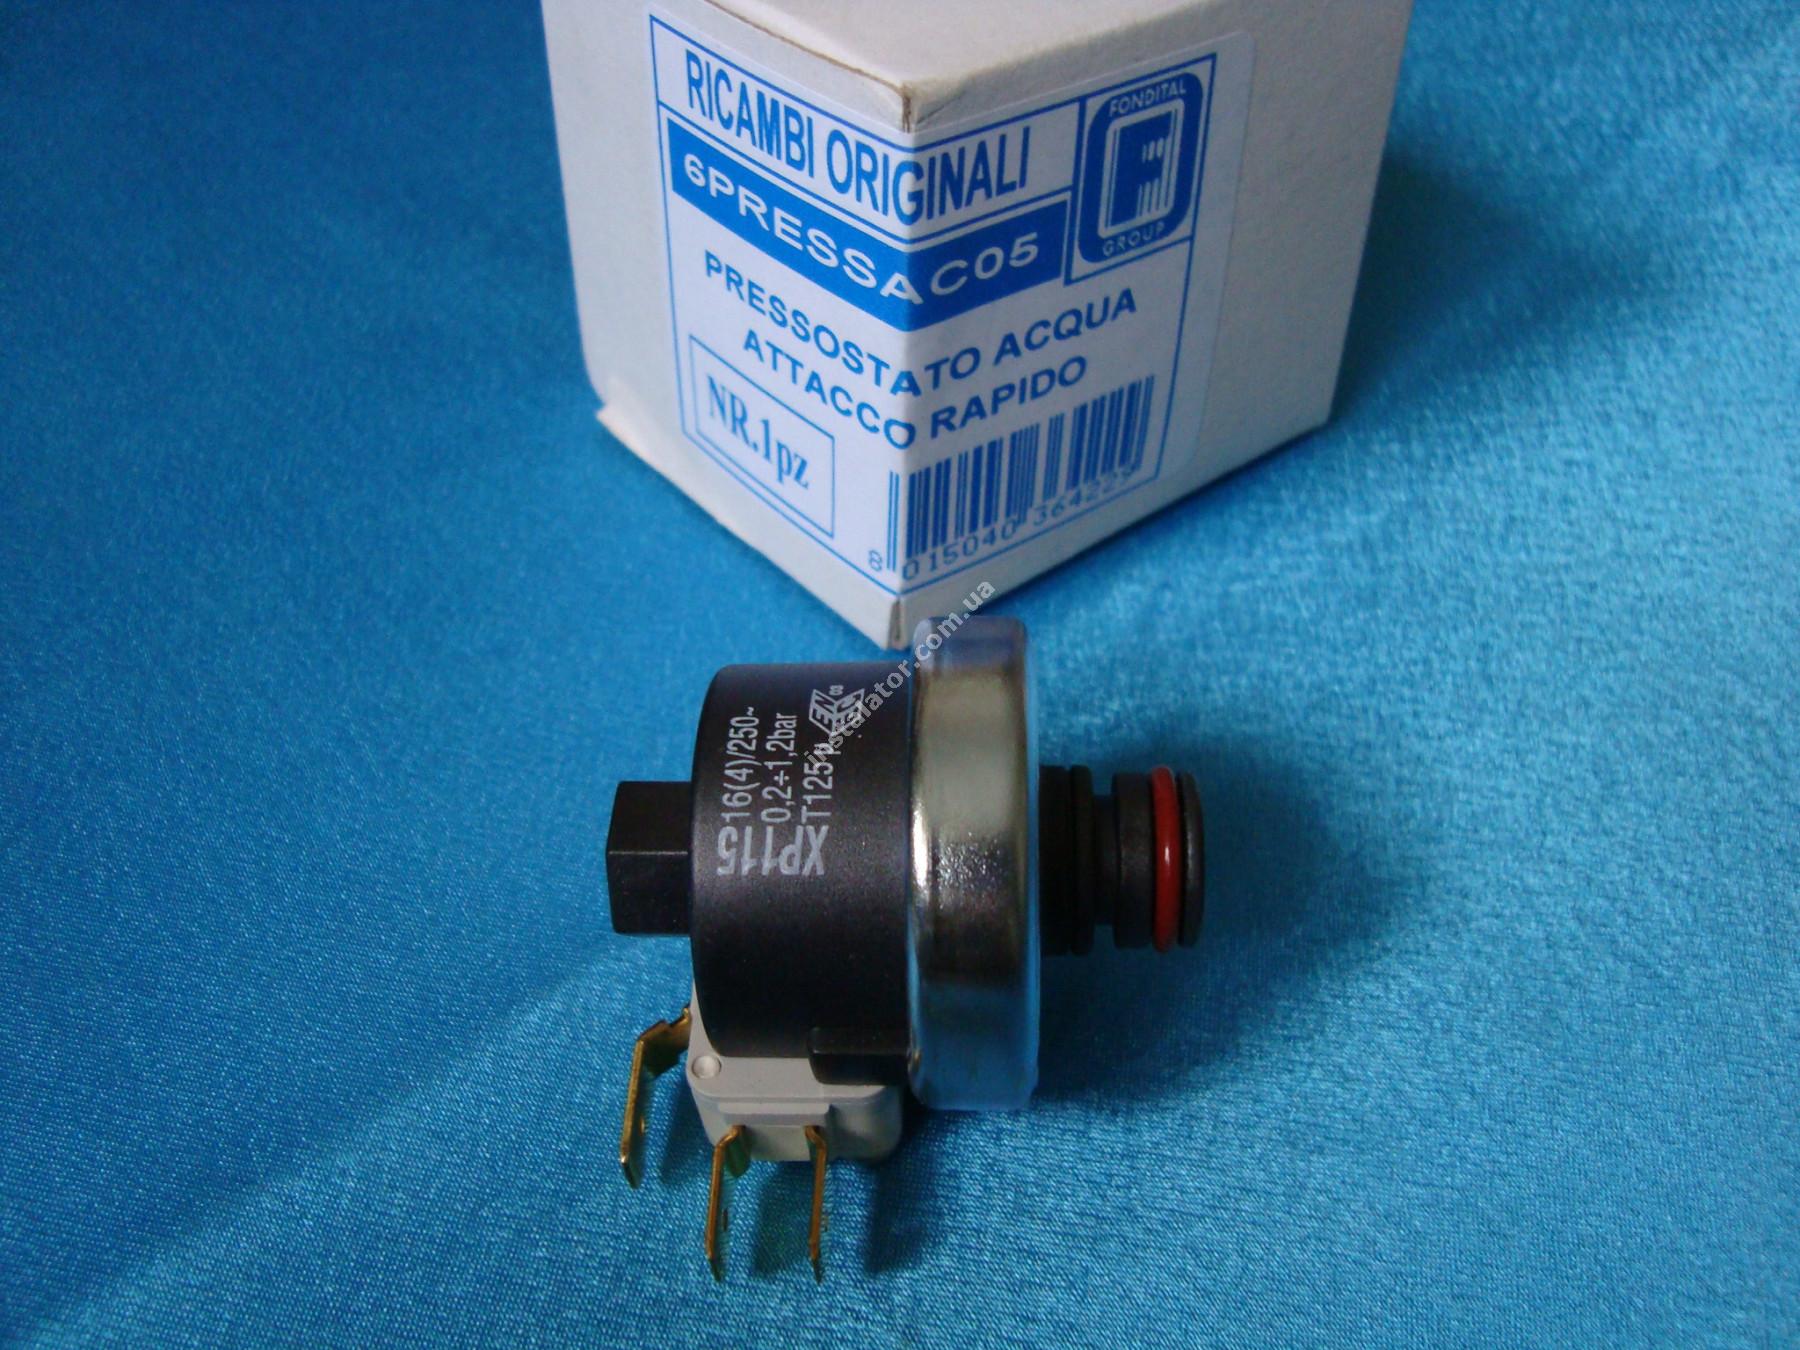 6PRESSAC05 Реле тиску води  ANTEA/ DELFIS XP115 0,2-1,2 бар full-image-0